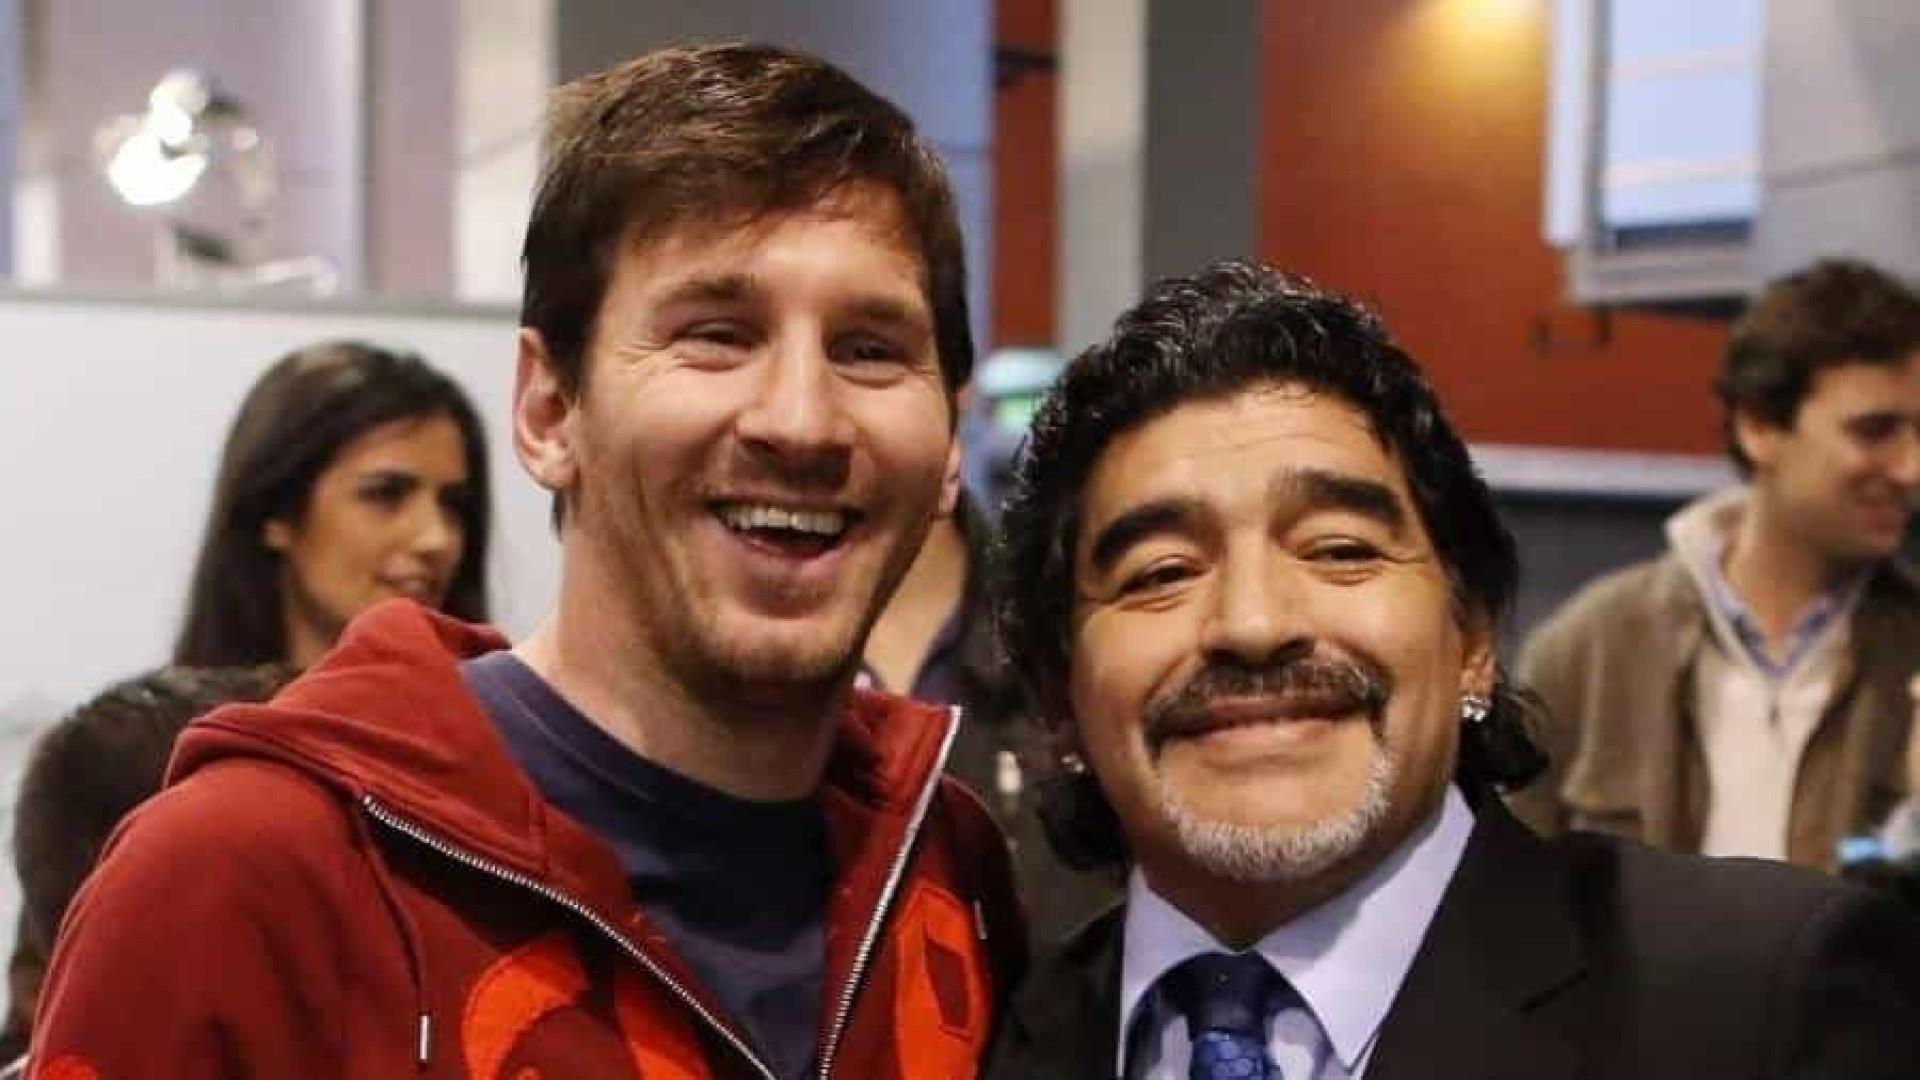 Morte do craque argentino Diego Maradona gera comoção mundial